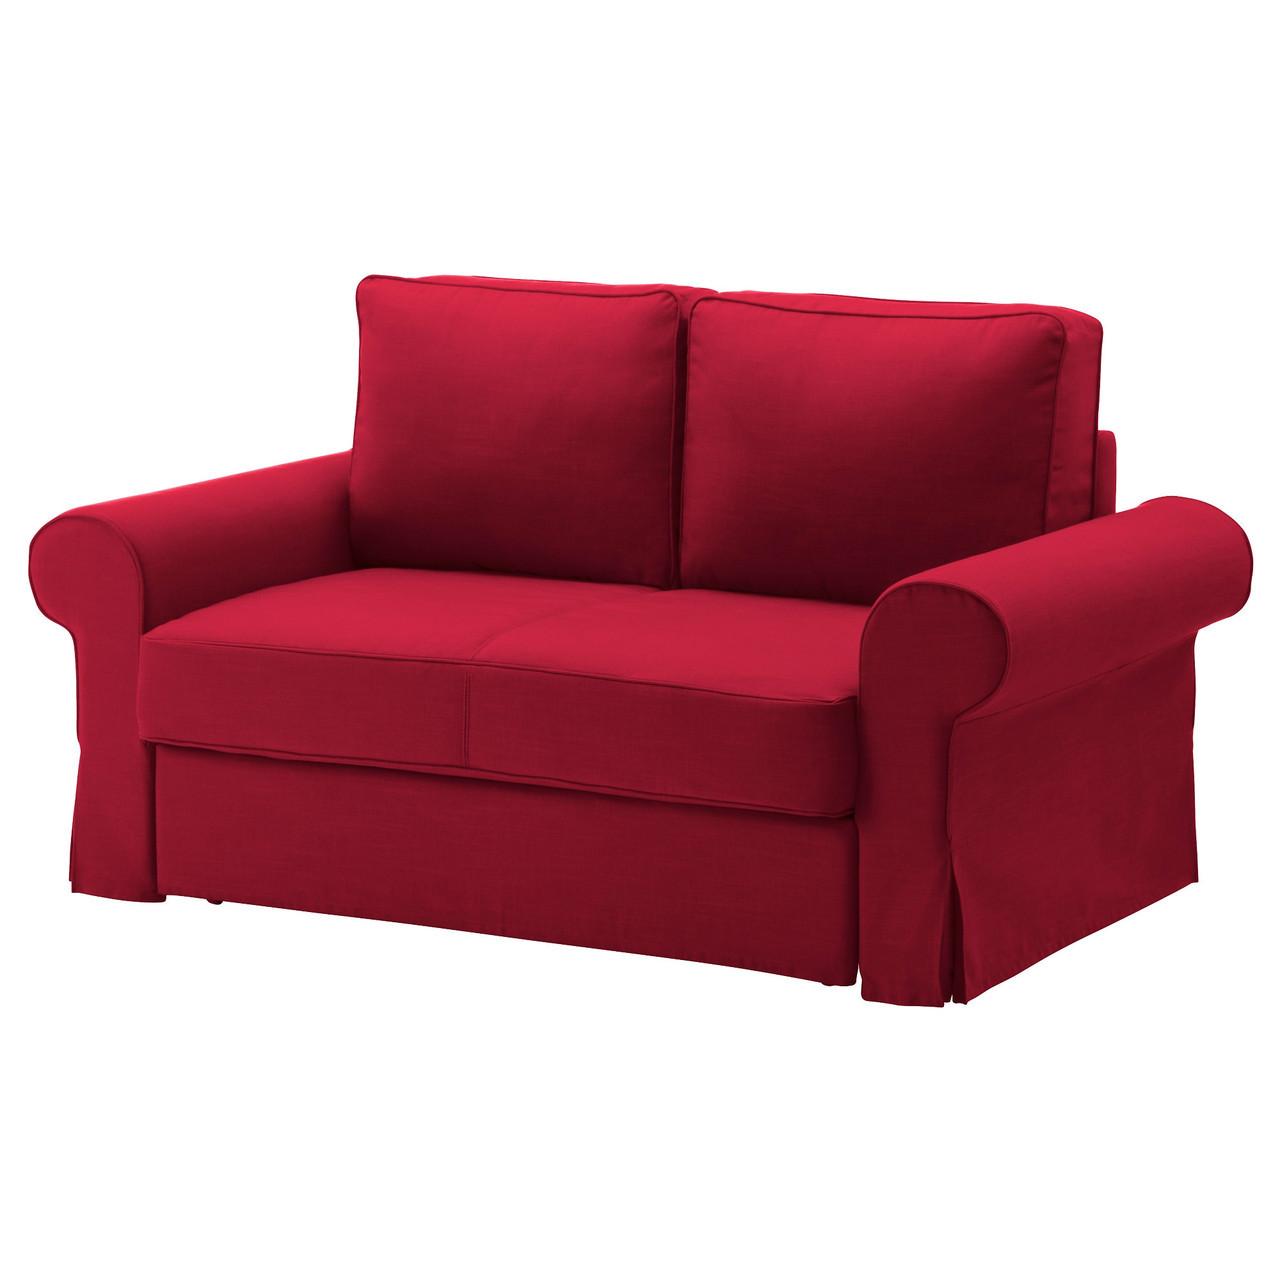 Backabro чехол на 2 местный диван кровать Nordvalla красный цена 5